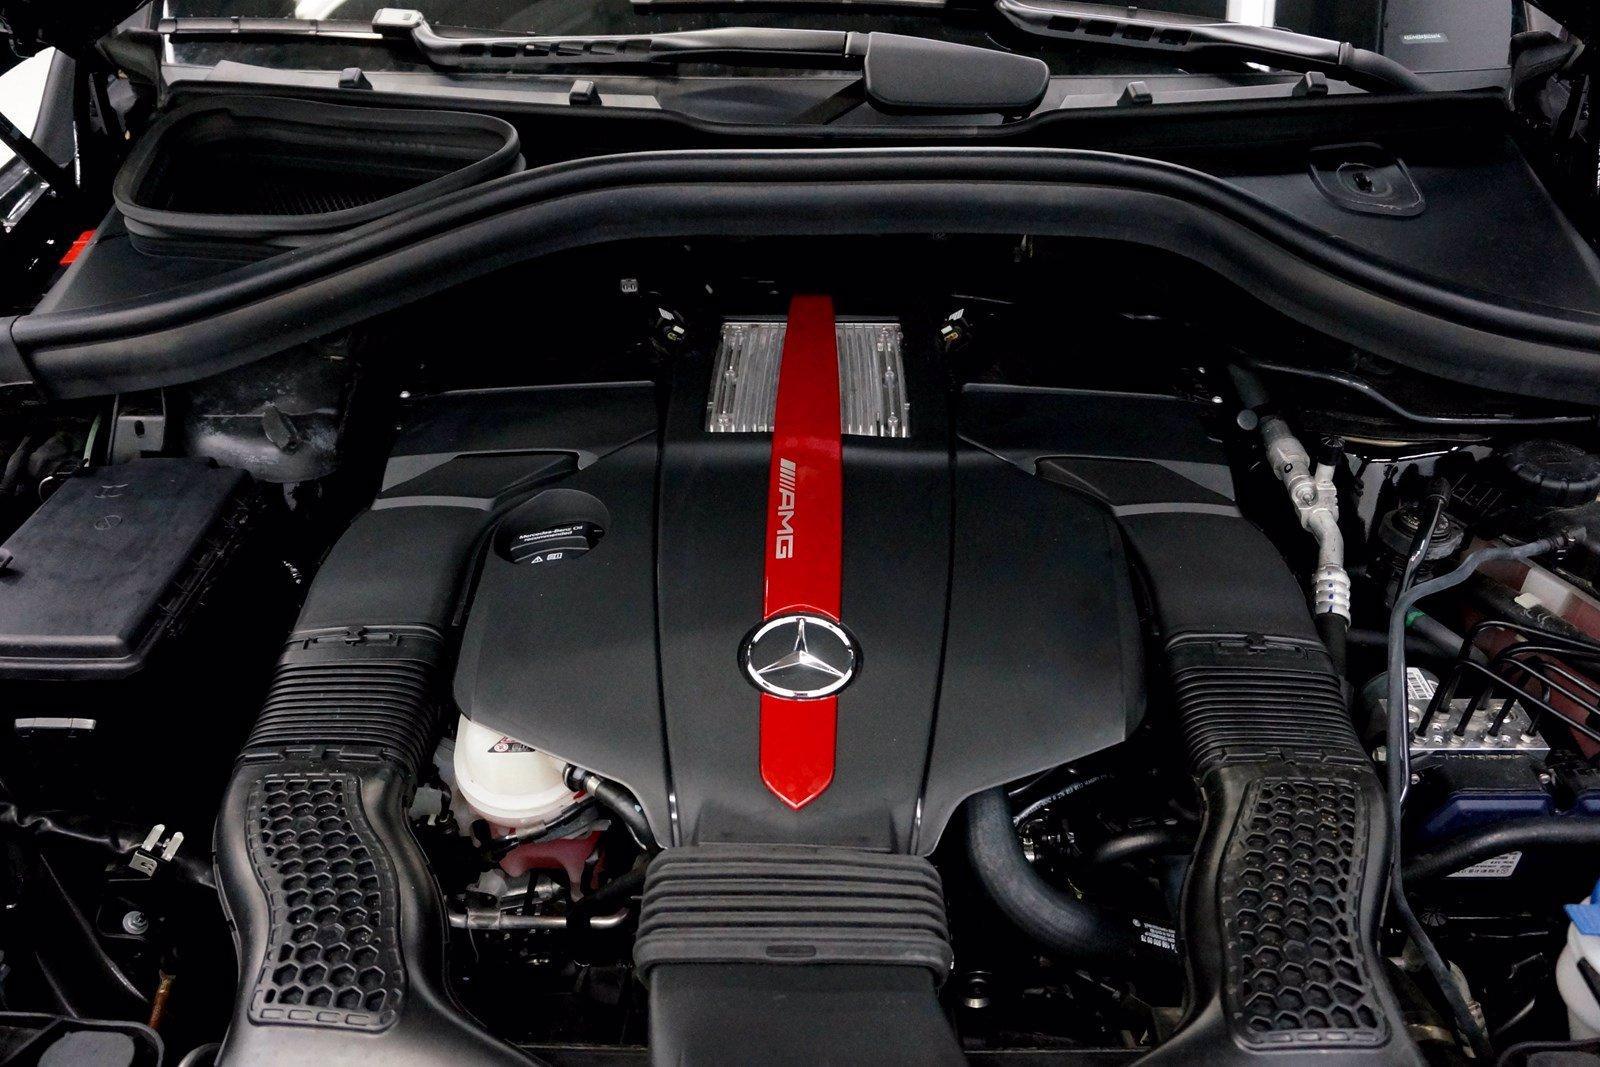 Used-2018-Mercedes-Benz-GLE43-AMG-AMG-GLE-43